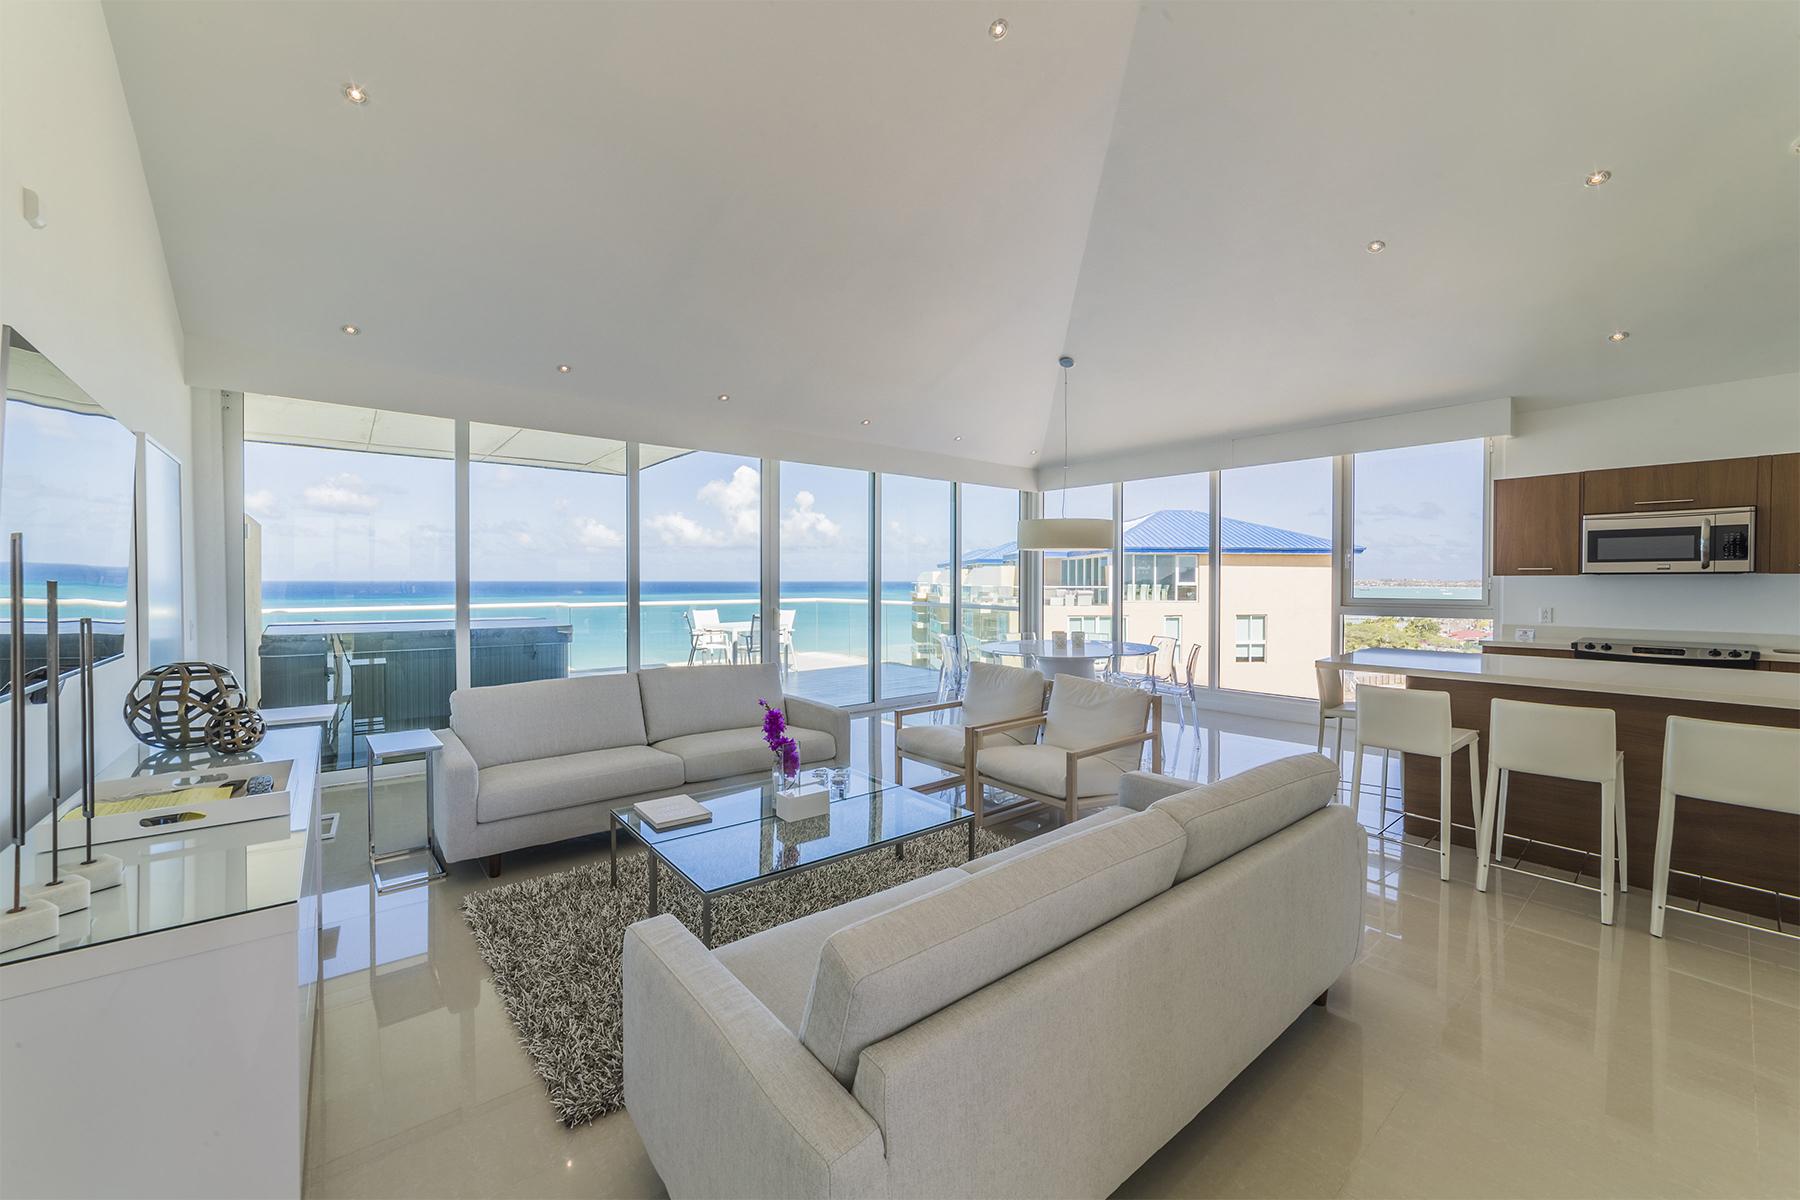 独户住宅 为 销售 在 Blue Penthouse Eagle Beach, 阿鲁巴 阿鲁巴岛